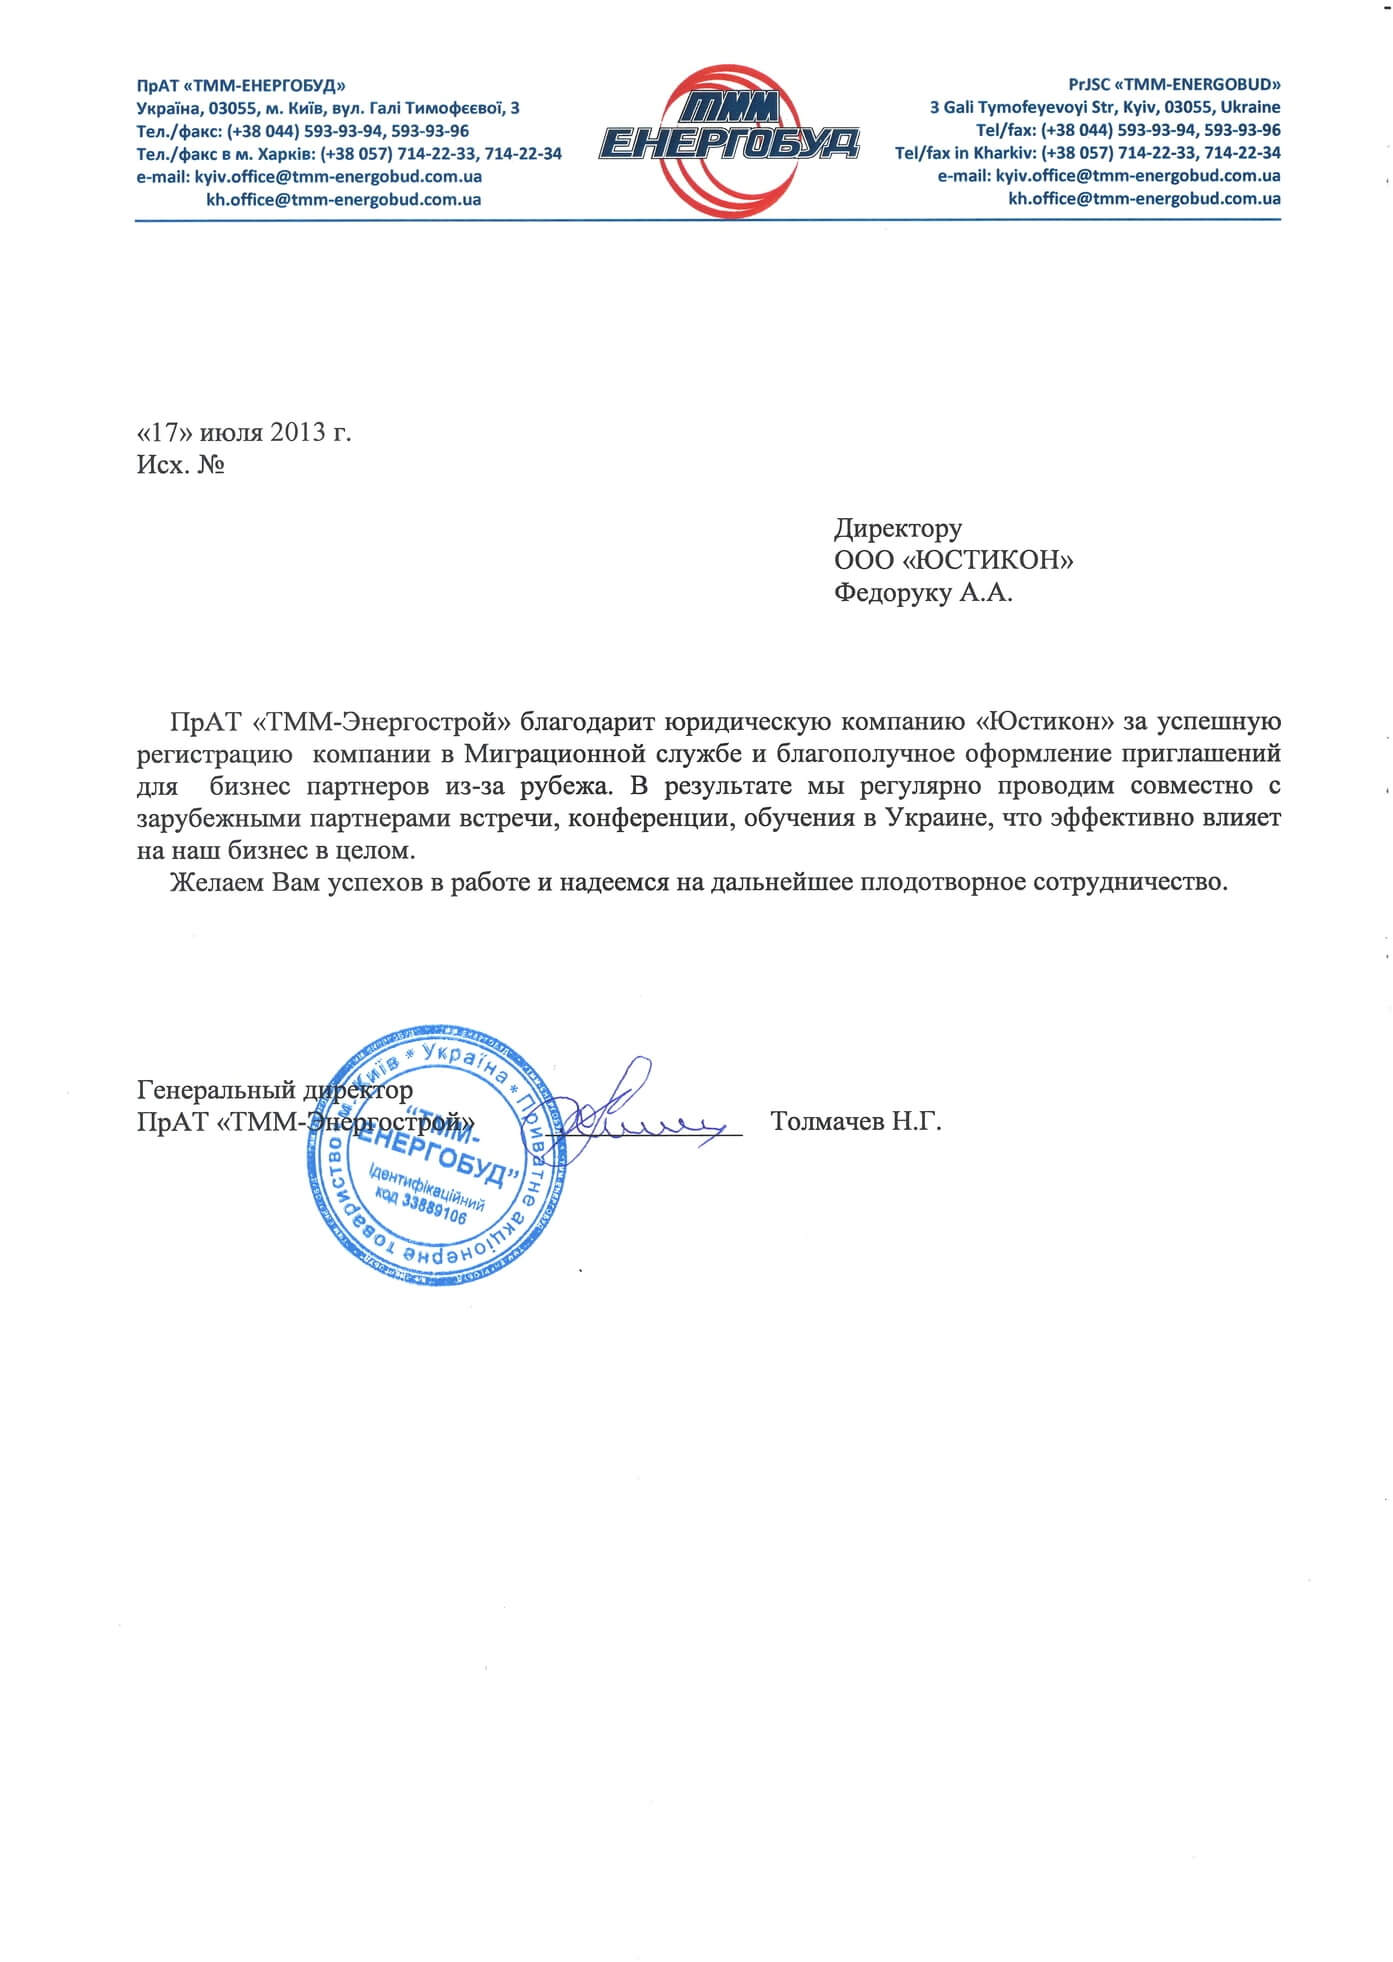 ТММ-ЭНЕРГОБУД